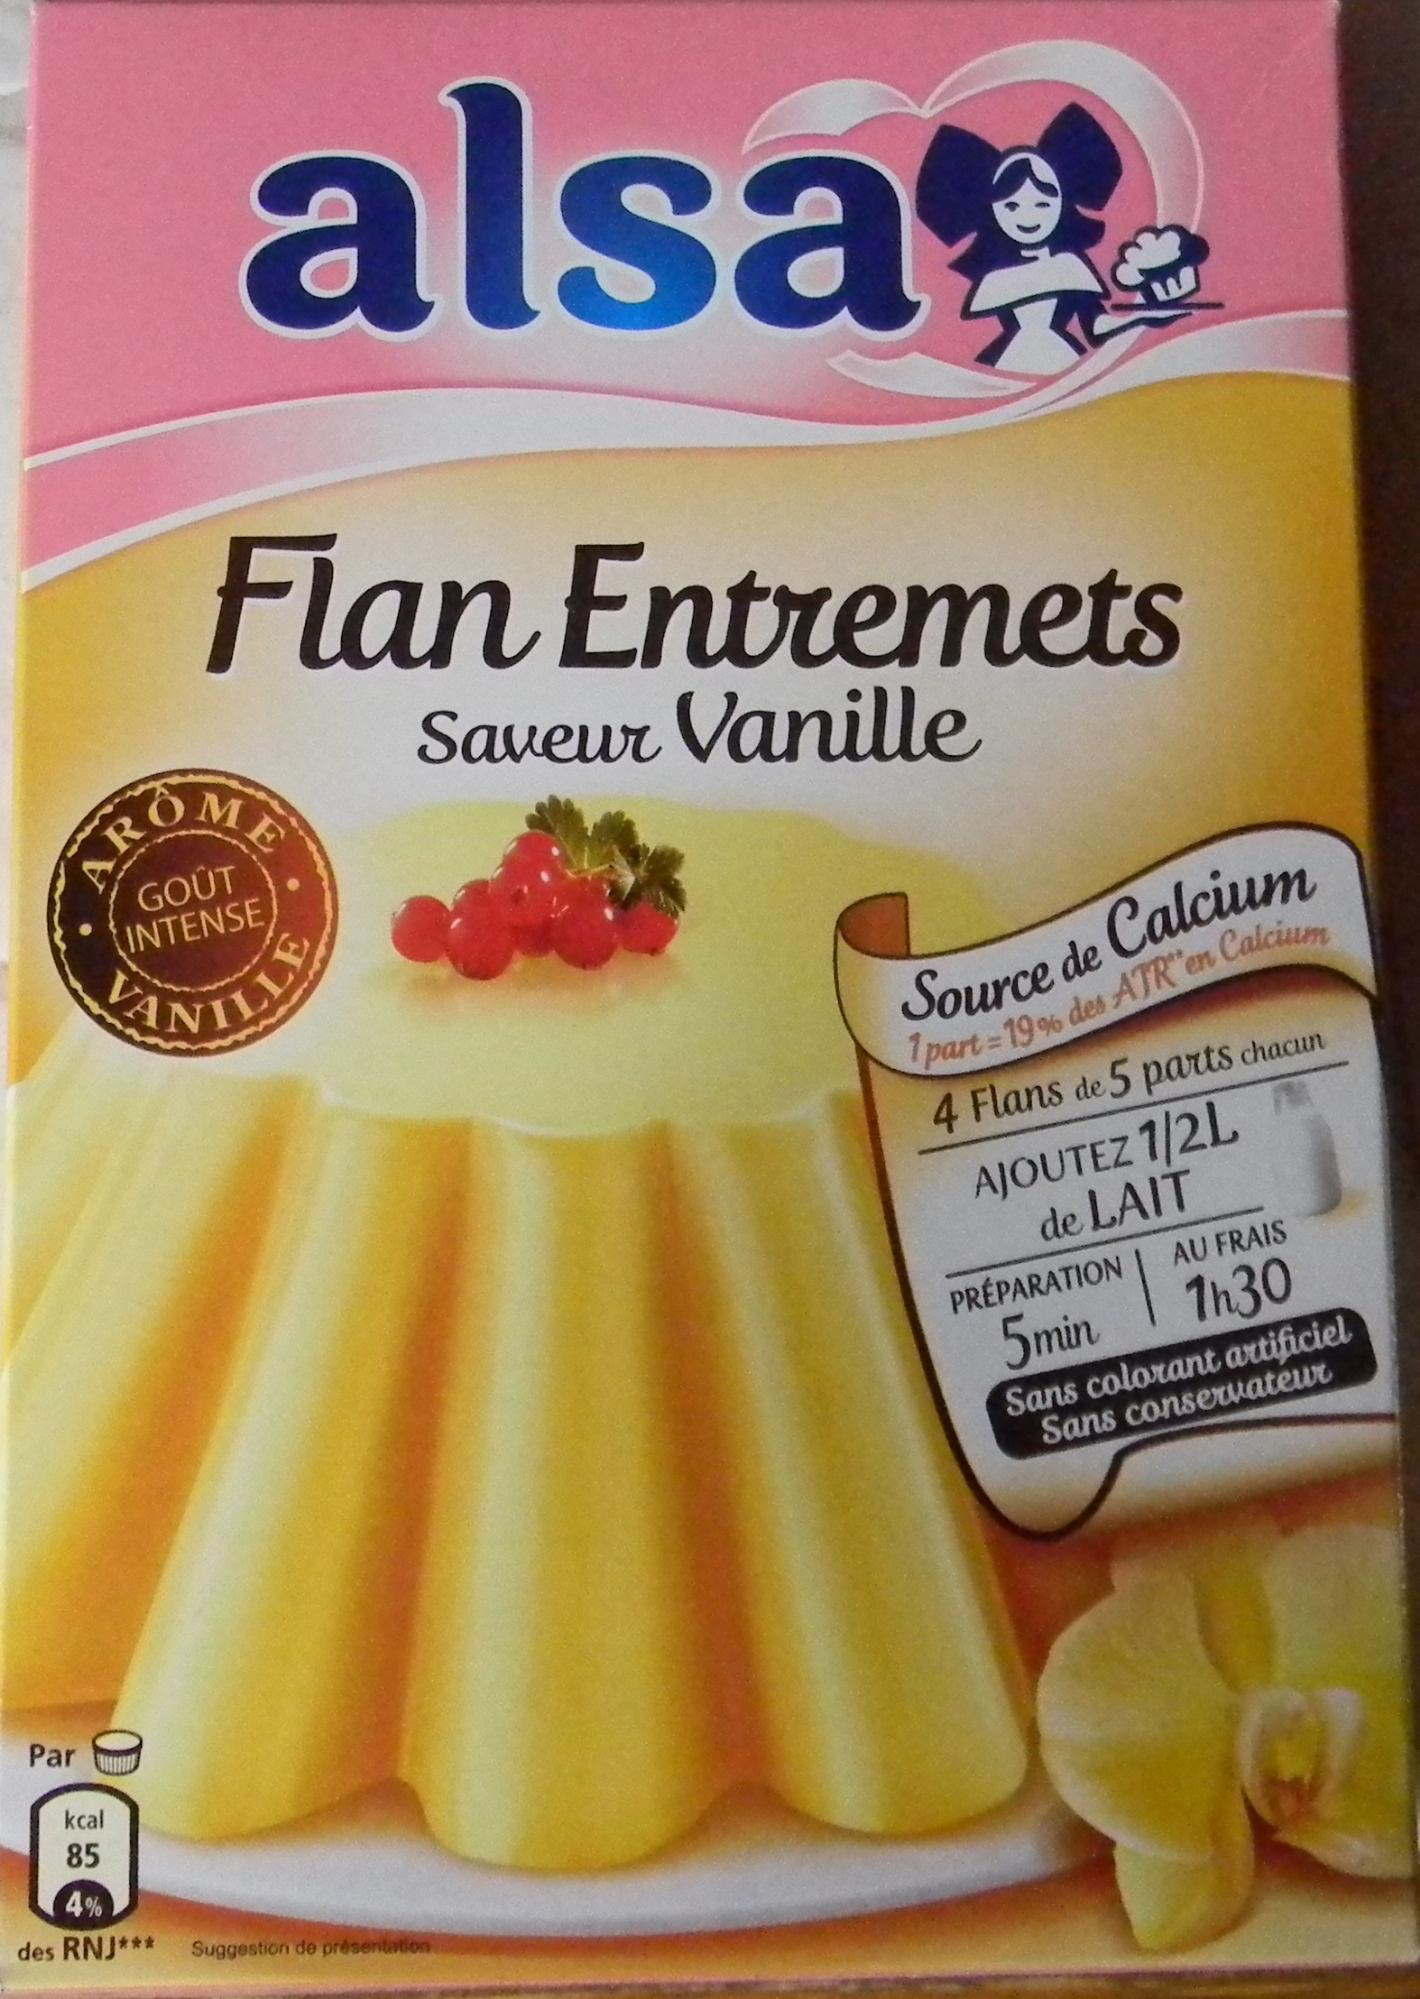 Flan Entremets saveur vanille - Produkt - fr